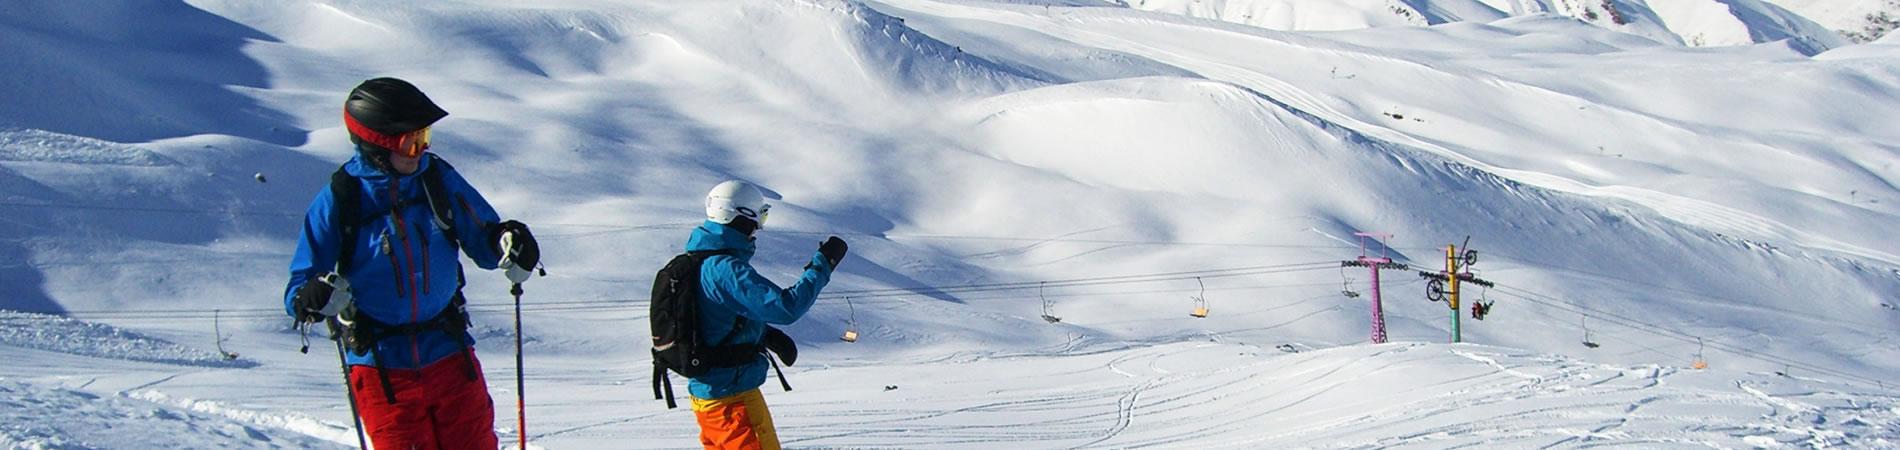 skirejser og skiferie